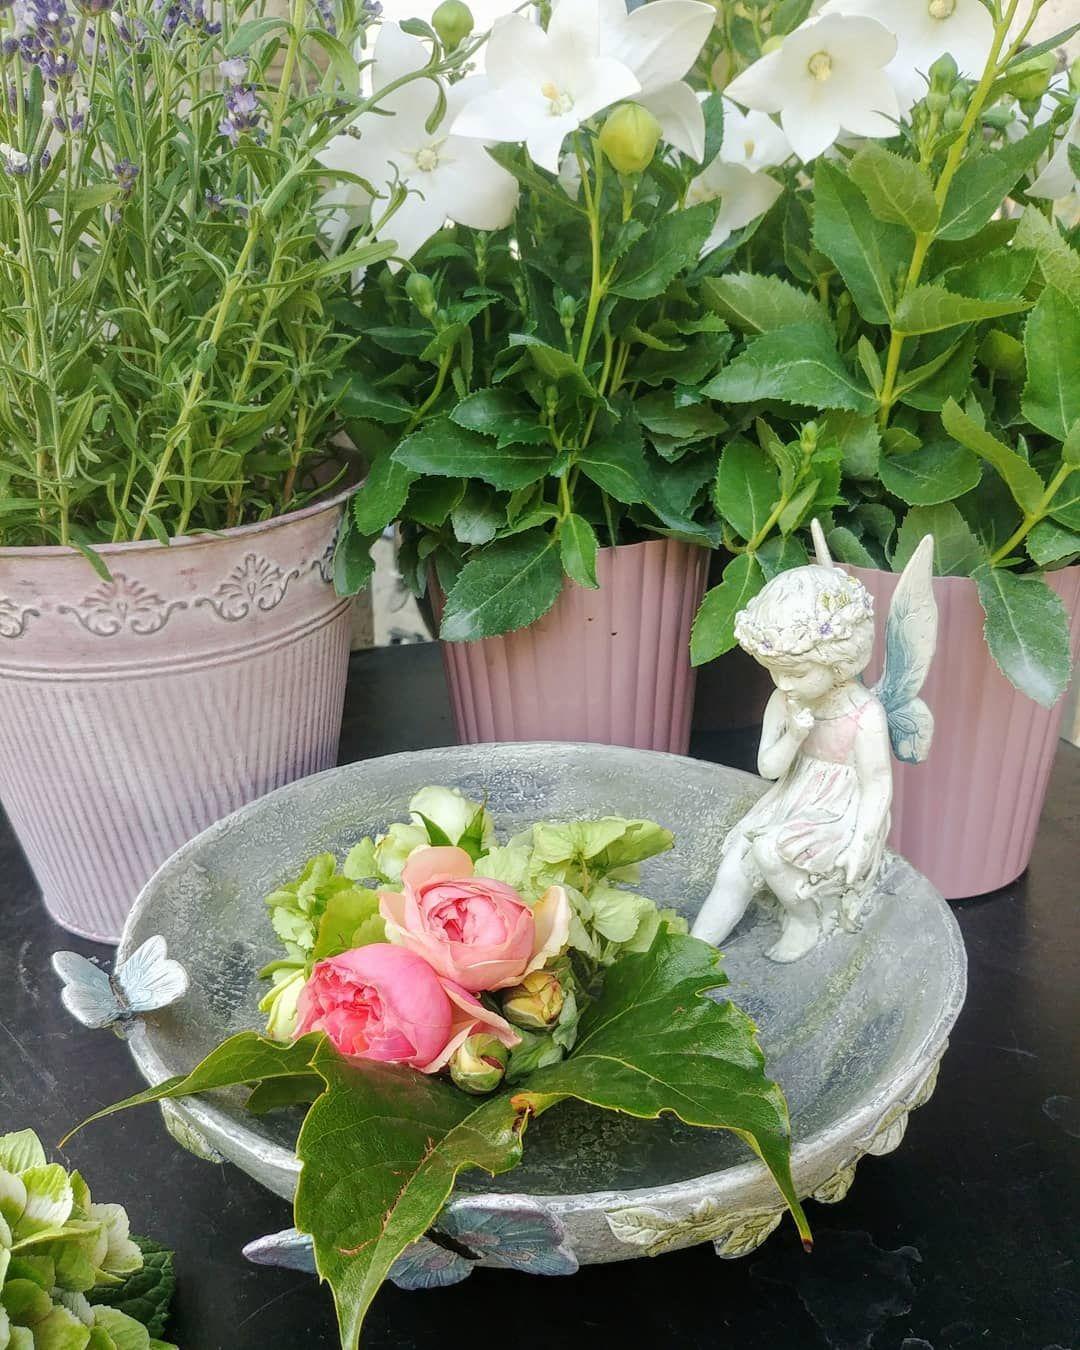 Wir Wunschen Euch Einen Schonen Sonntag Geniesst Die Blumen Wie Diese Fee Wohnaccessoires Sommerdeko Garten Garten Deko Sommerdeko Deko Ideen